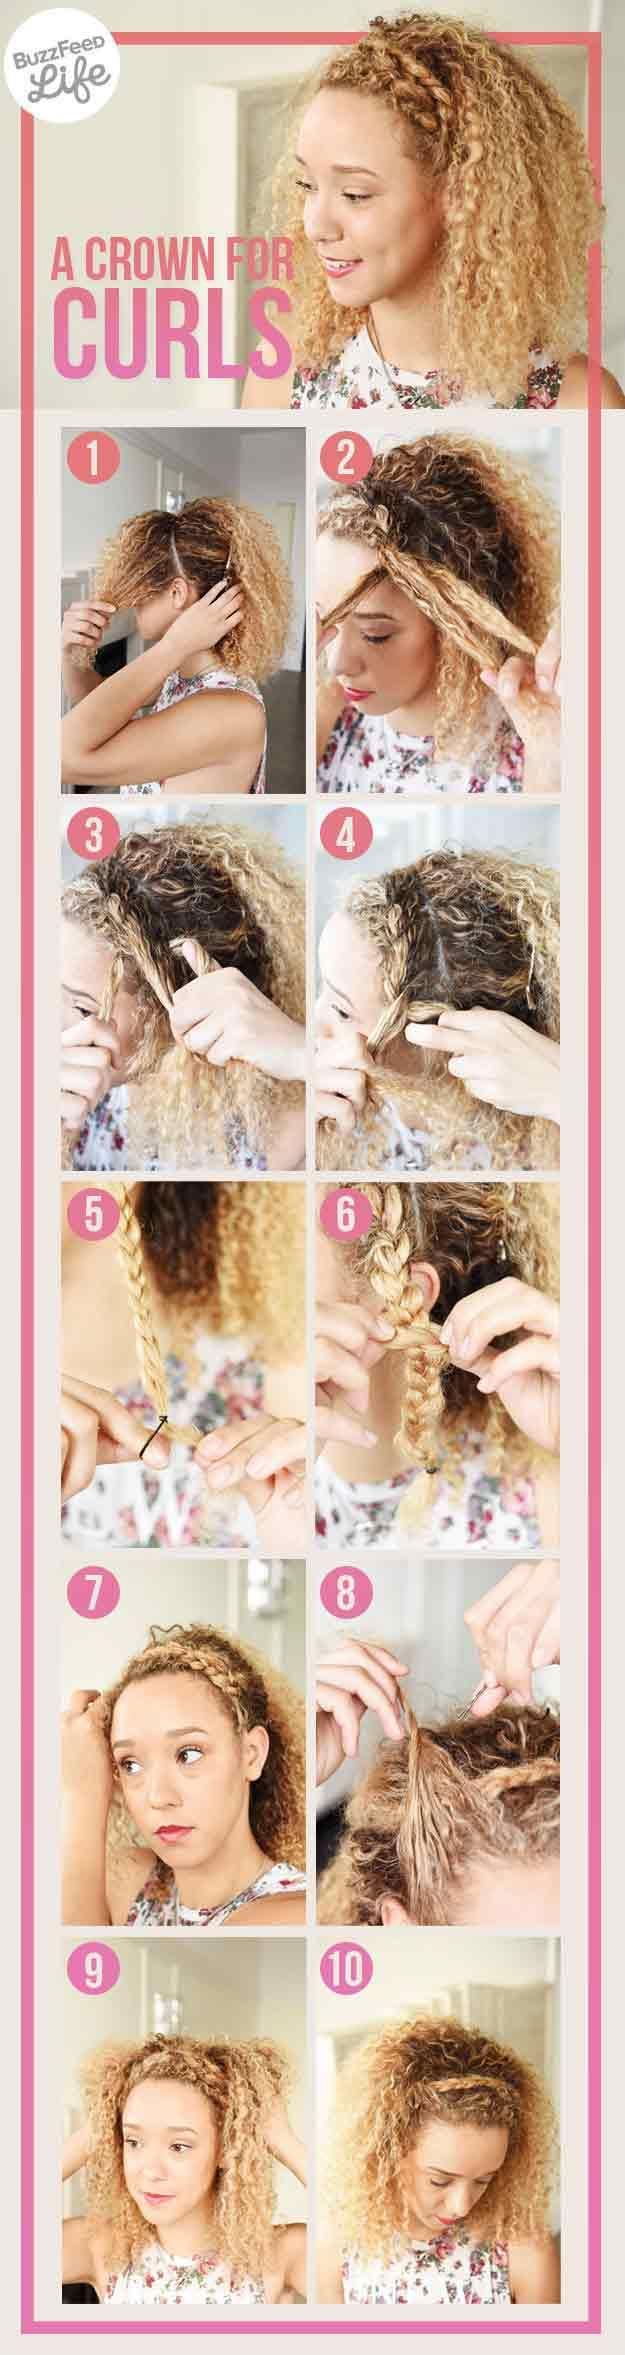 Ideas bonitas para peinados con secadora Imagen de cortes de pelo estilo - 10 trucos para peinarte sin usar plancha ni secadora (con ...